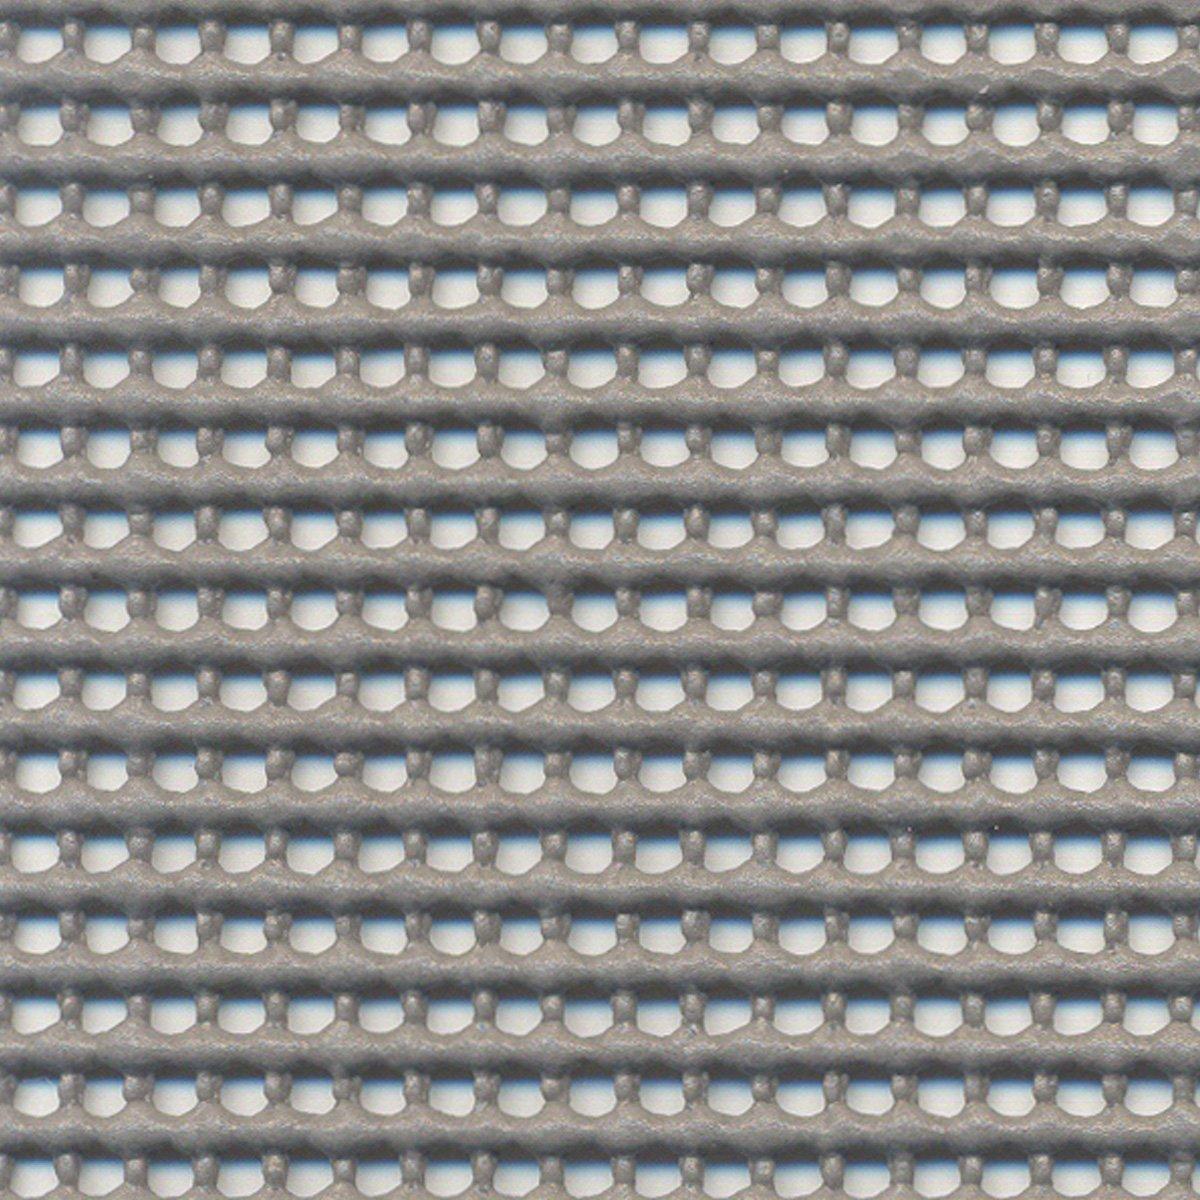 Vorzelt-Teppich 300x500cm, Grau 300x500cm, Vorzelt-Teppich waschbar, schimmelfrei, strapazierfähig • Zeltteppich Vorzeltteppich Campingteppich Zeltboden Vorzeltboden 318180